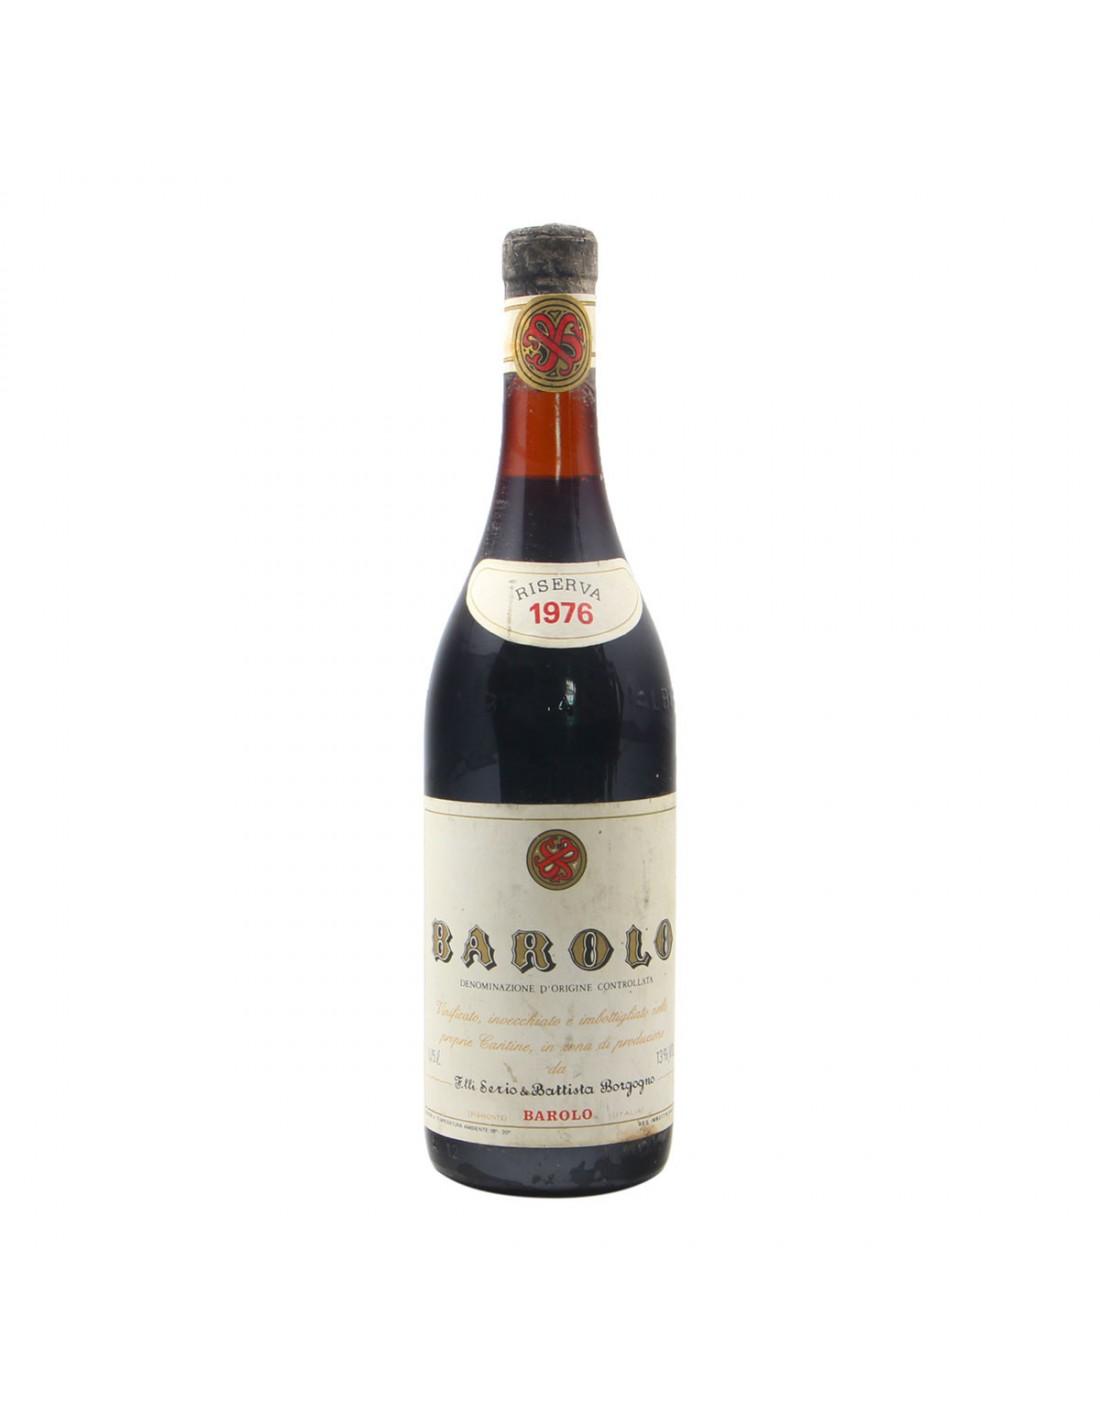 BAROLO RISERVA 1976 BATTISTA BORGOGNO Grandi Bottiglie